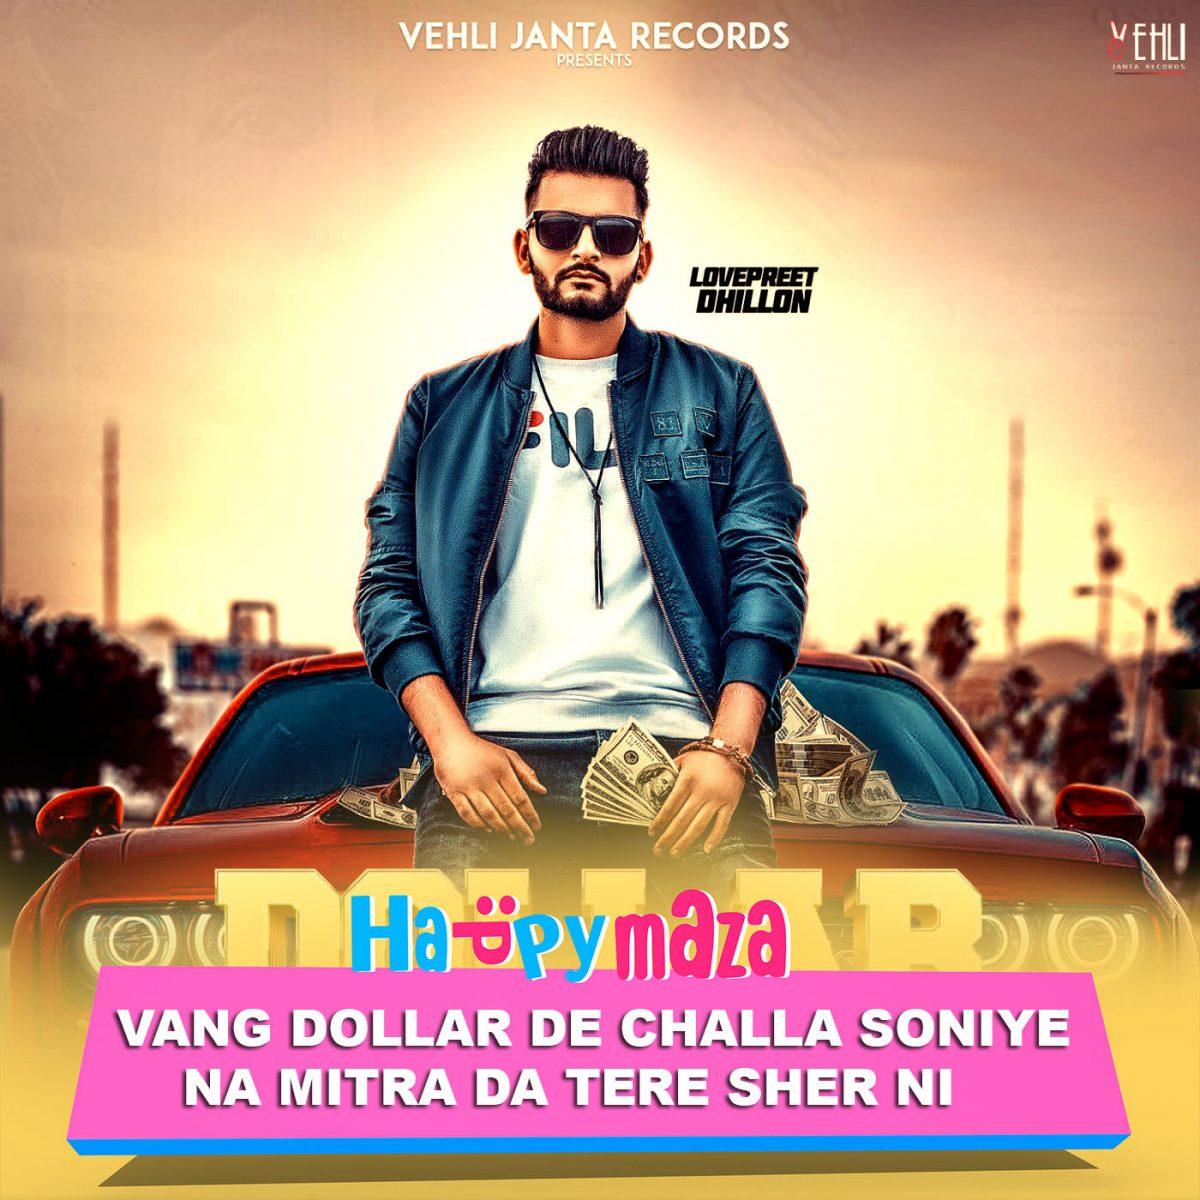 hills hindi songs